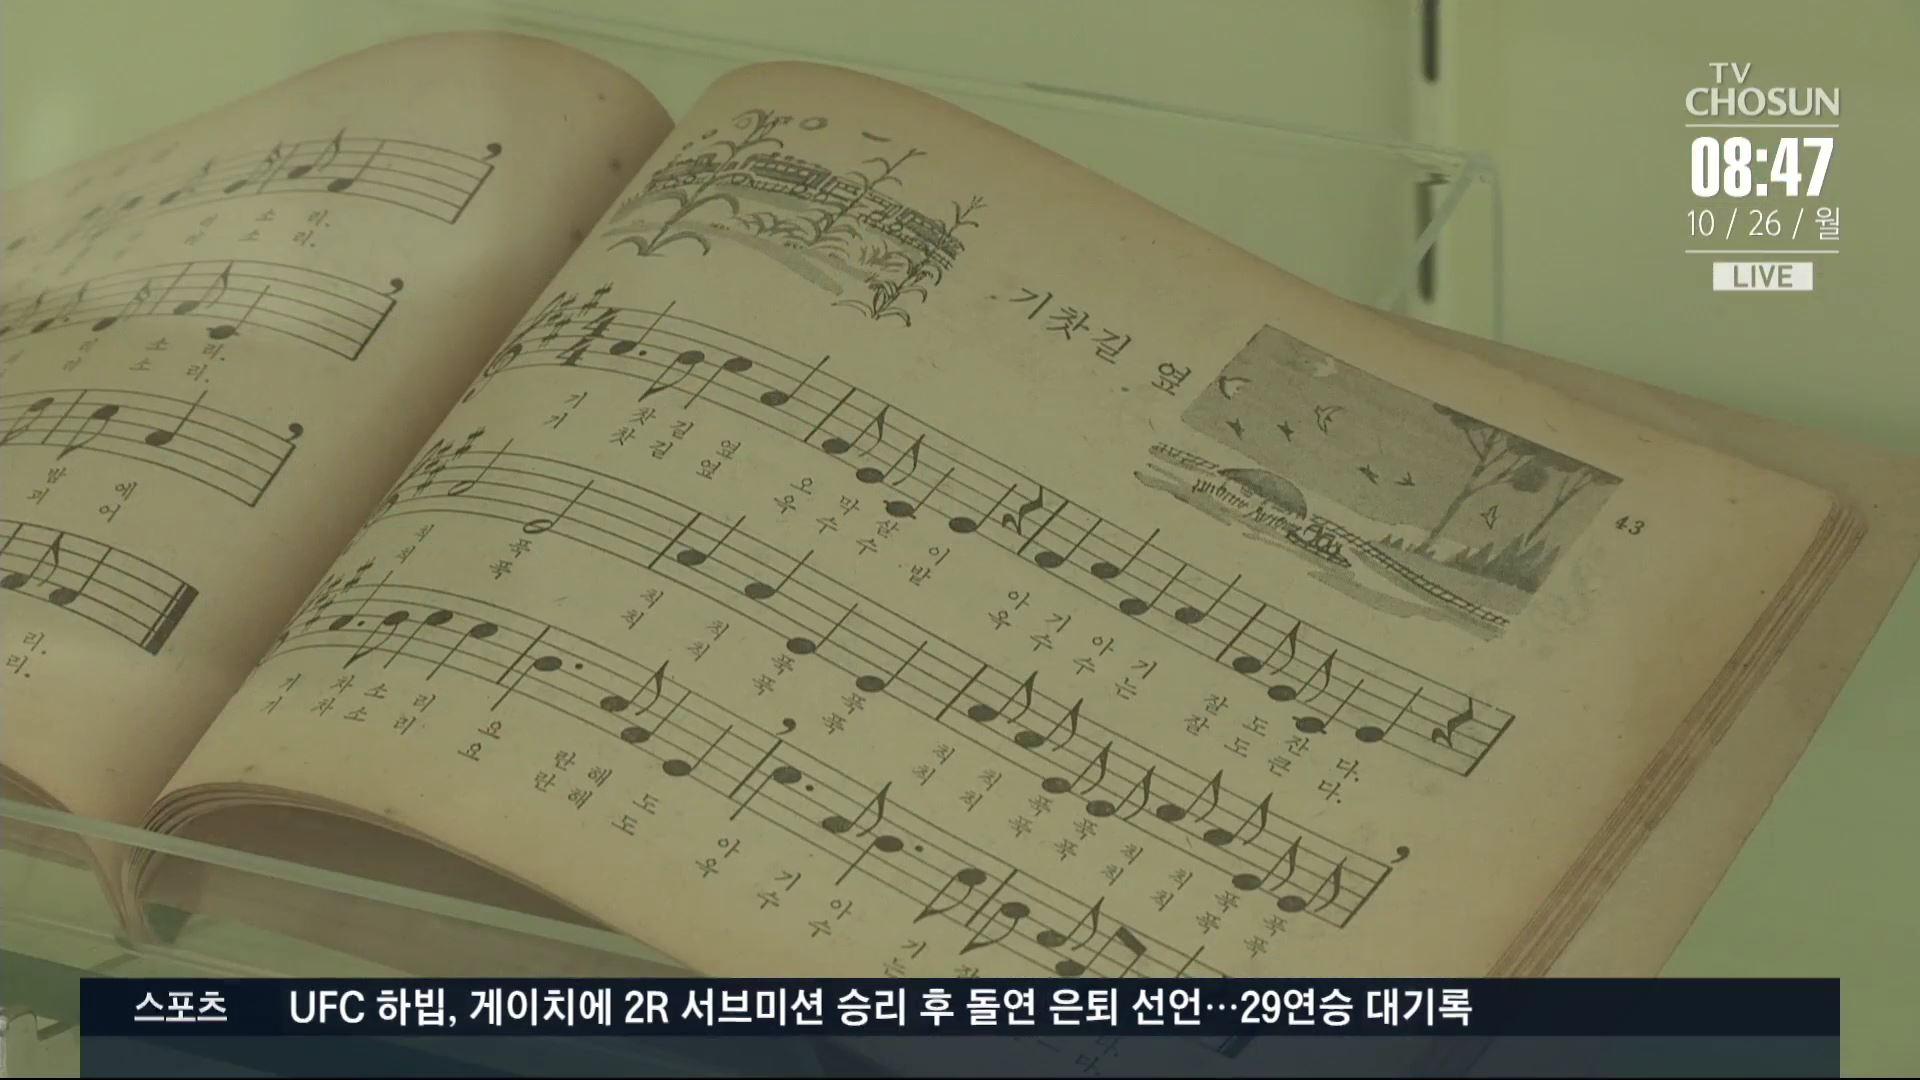 광복 후 70년 교과서 역사 한눈에…군산서 '옛 교과서' 전시회